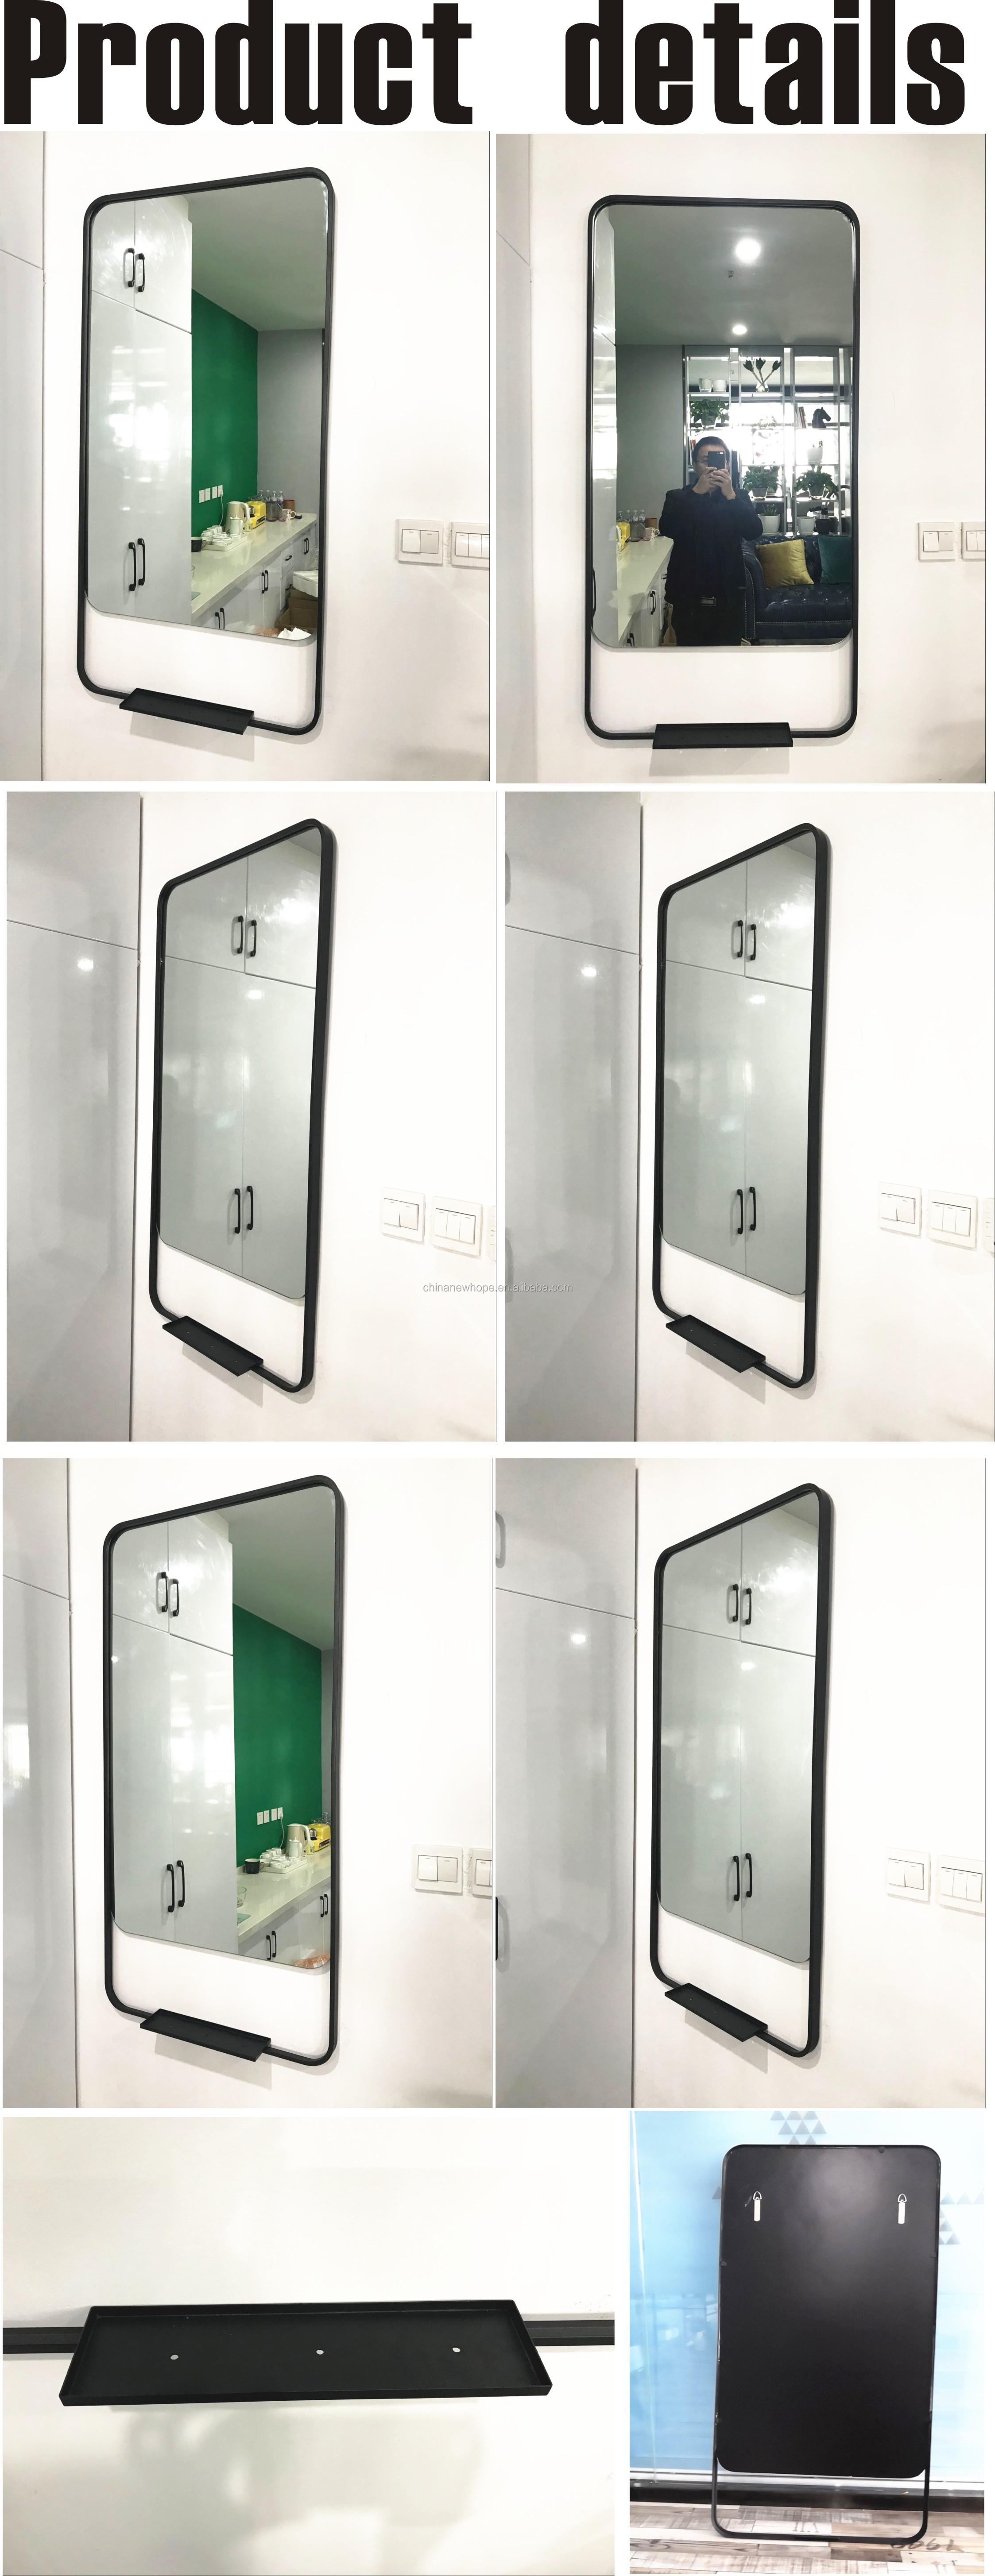 ขายส่งโรงงานราคาที่กำหนดเองรอบผนังห้องน้ำกระจกวงกลมติดผนัง Vanity แต่งหน้ากระจกโลหะกรอบกระจก